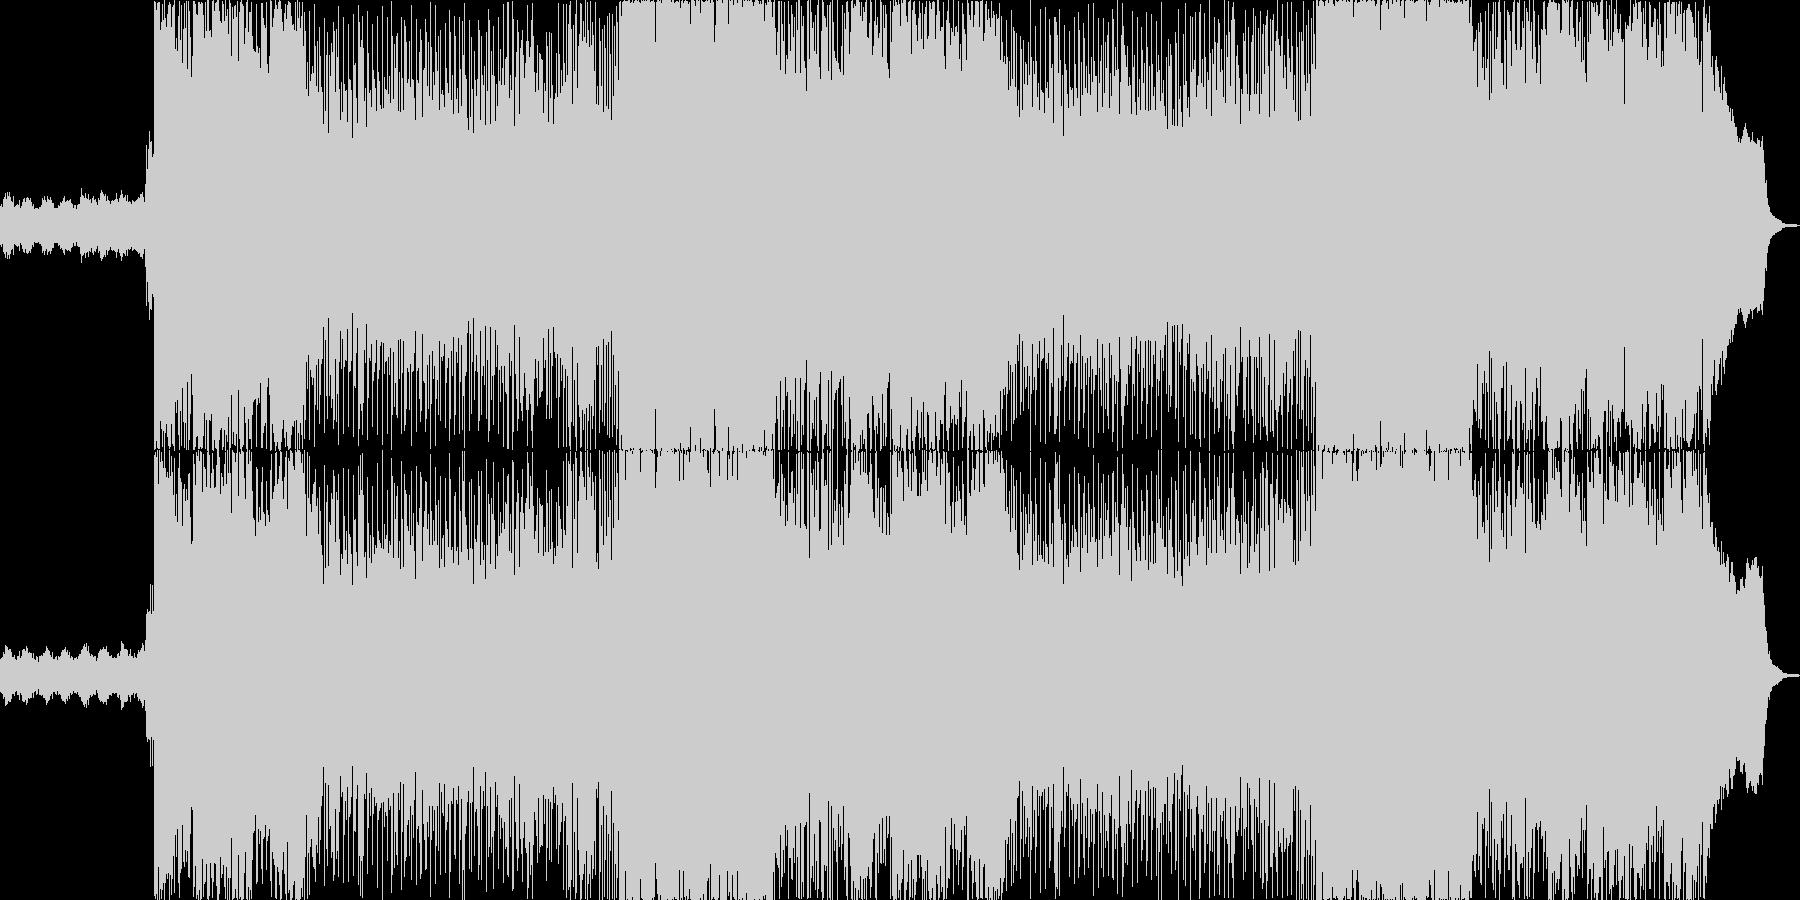 007風のミステリアスで退廃的な歌いり曲の未再生の波形